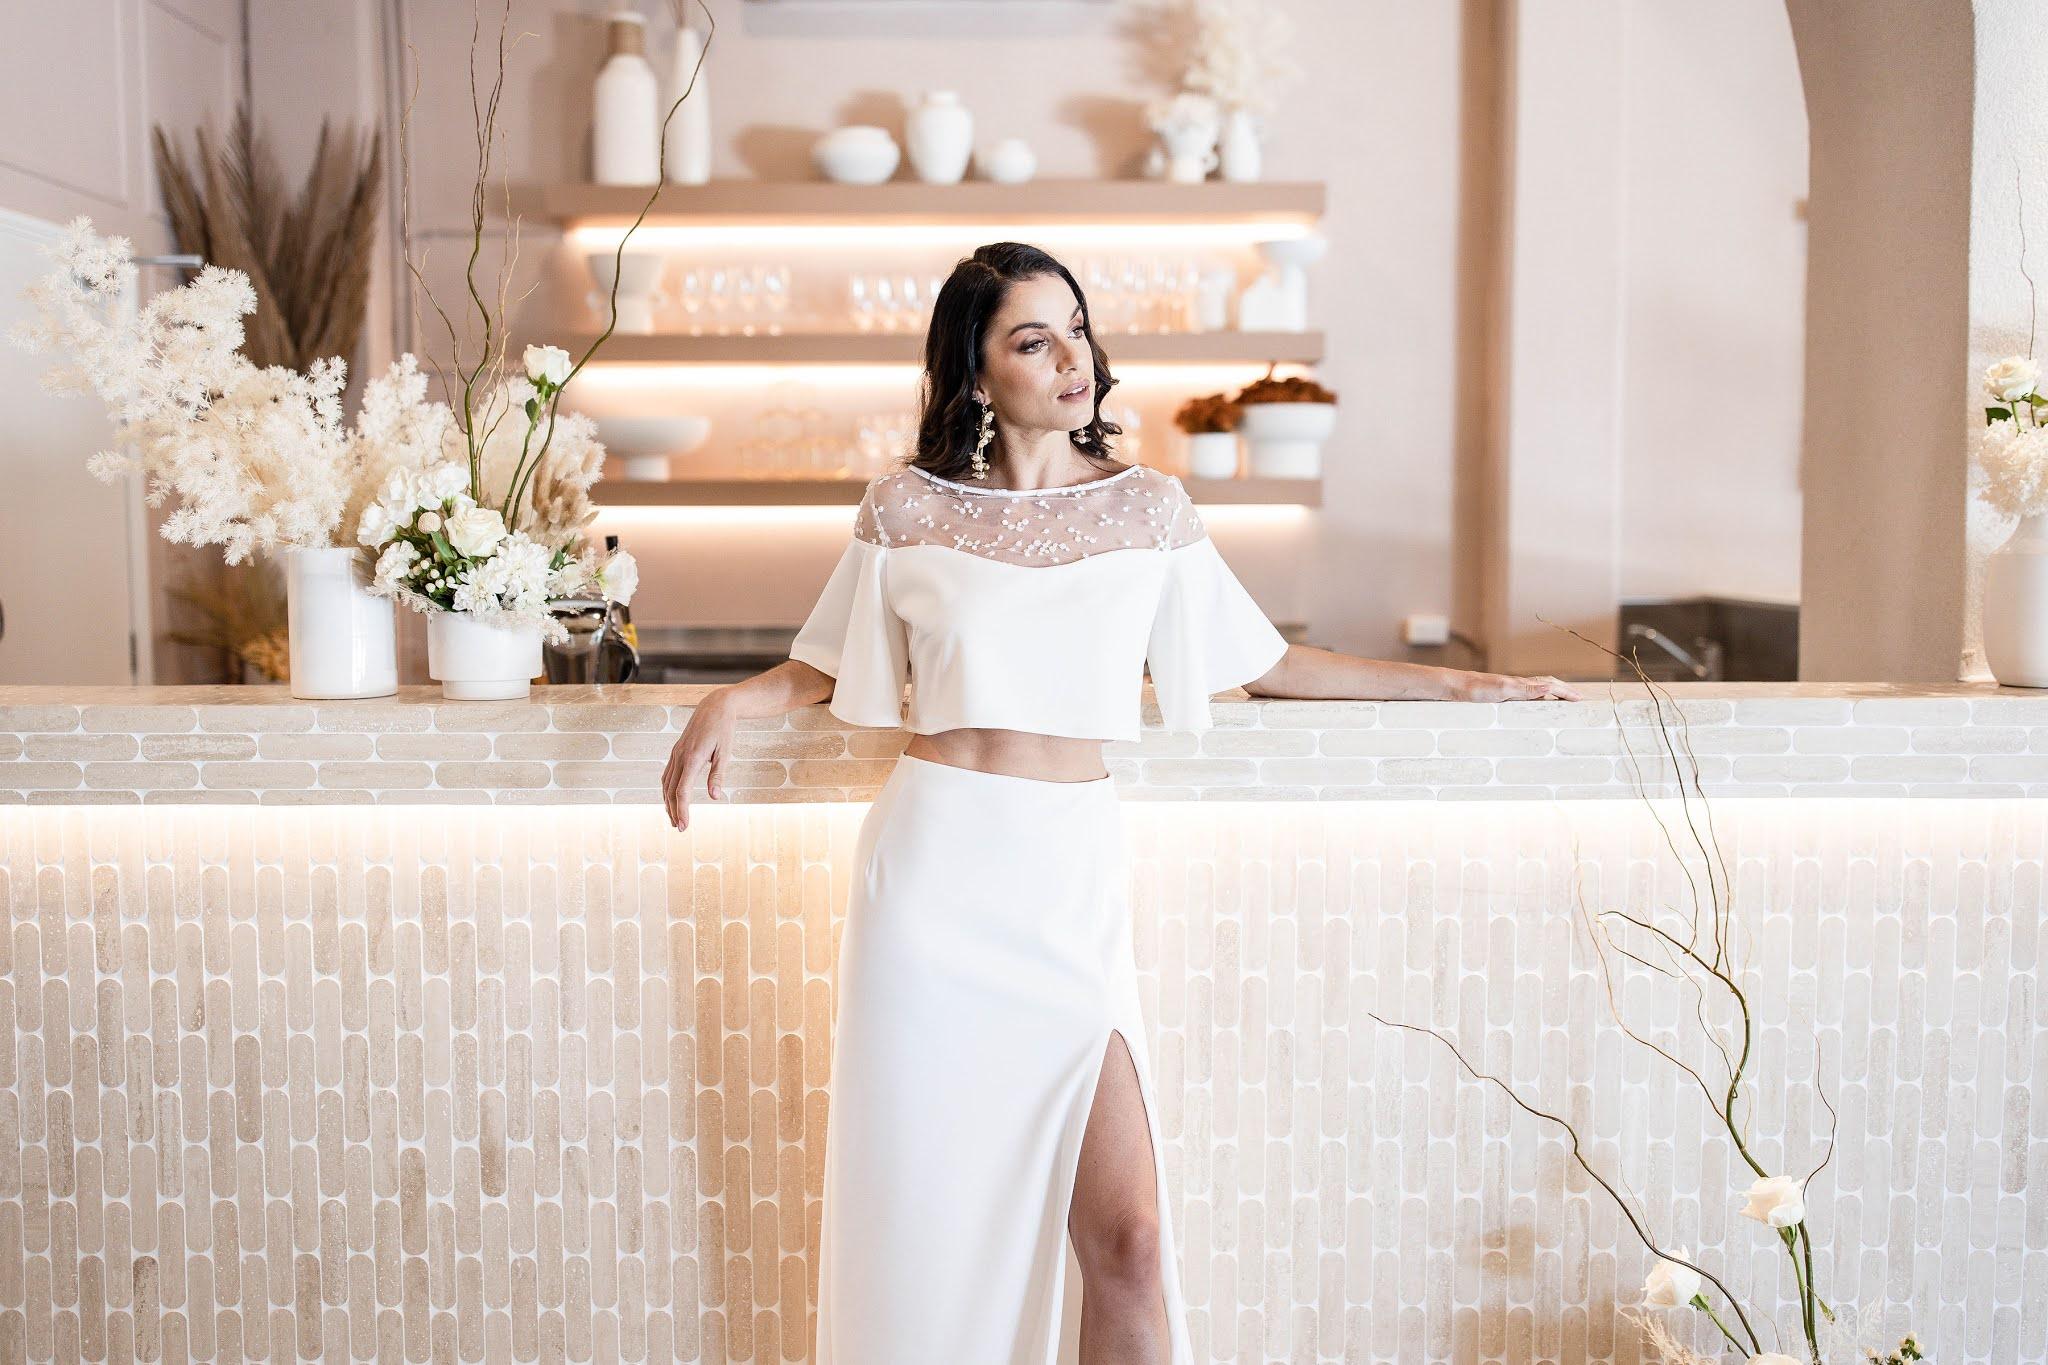 images by pixel punk pictures brisbane bridal gowns wedding venue photography florals